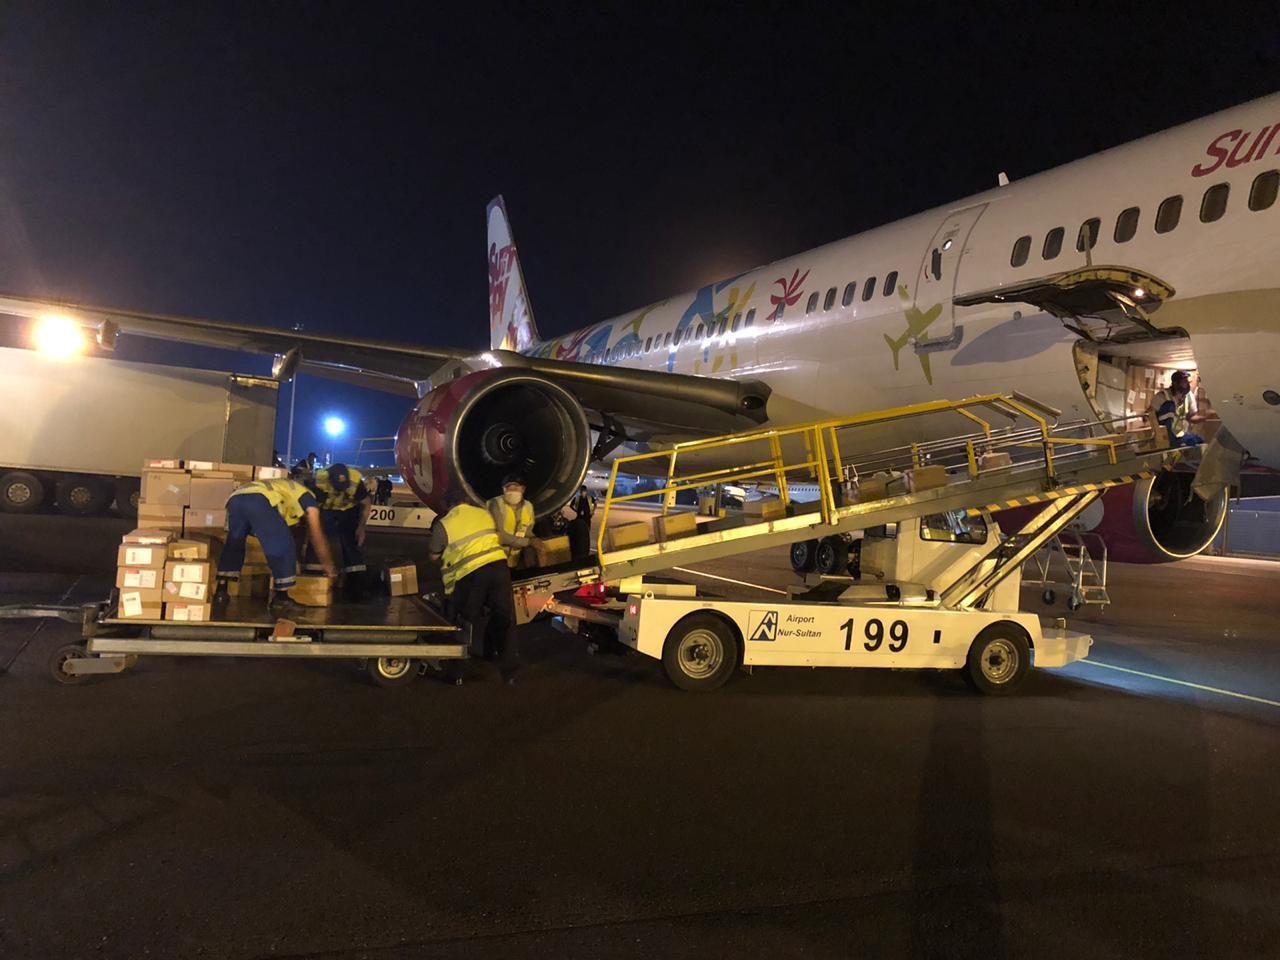 Очередную партию медикаментов доставили в Нур-Султан на грузовом самолете